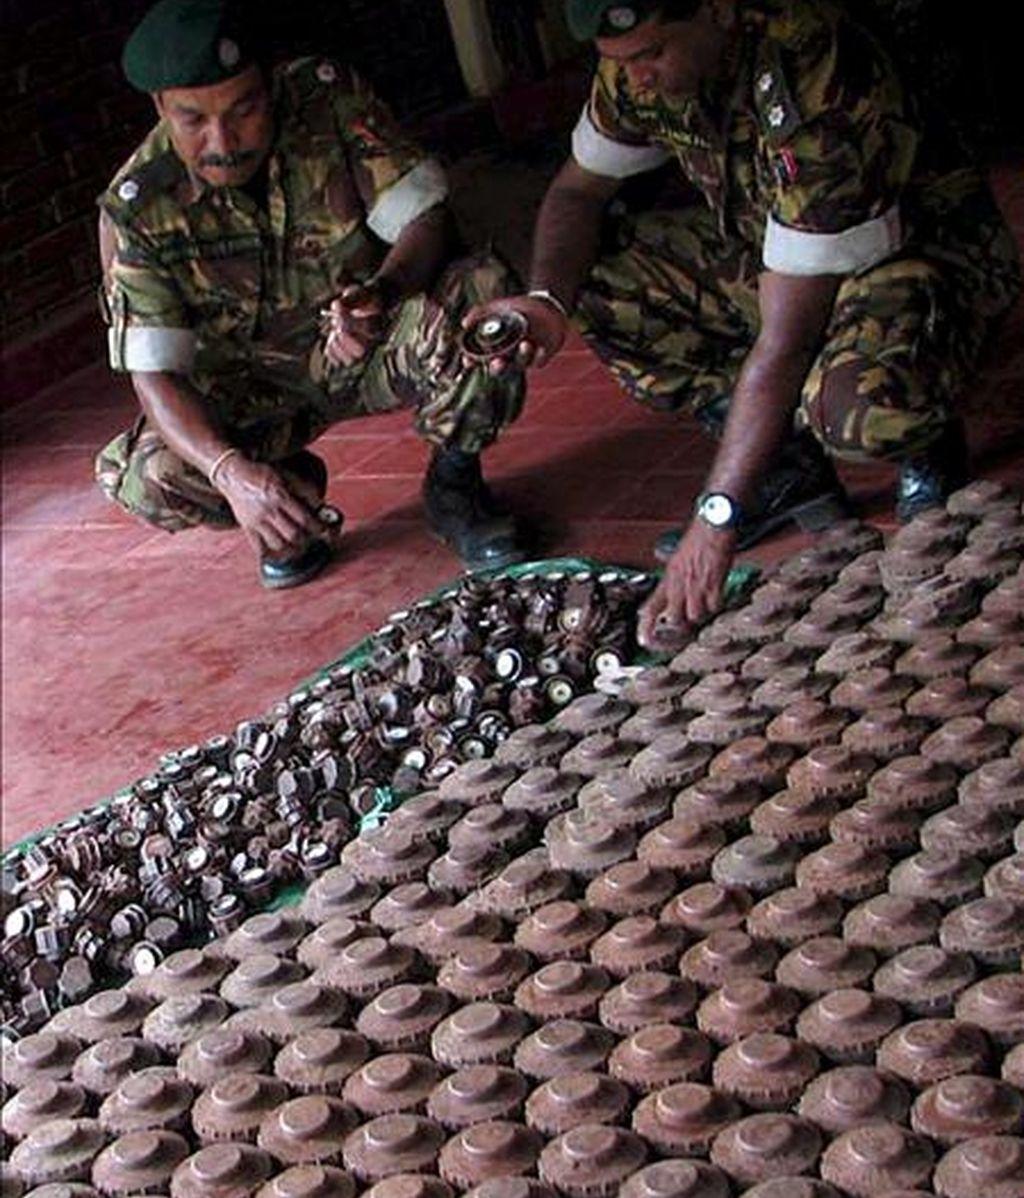 Miembros de una unidad especial de la policía realizan un recuento de minas antipersona y oreos explosivos recuperados en áreas donde opera la guerrilla Tigres para la Liberación de la Patria Tamil (LTTE), el pasado 3 de abril. EFE/Archivo